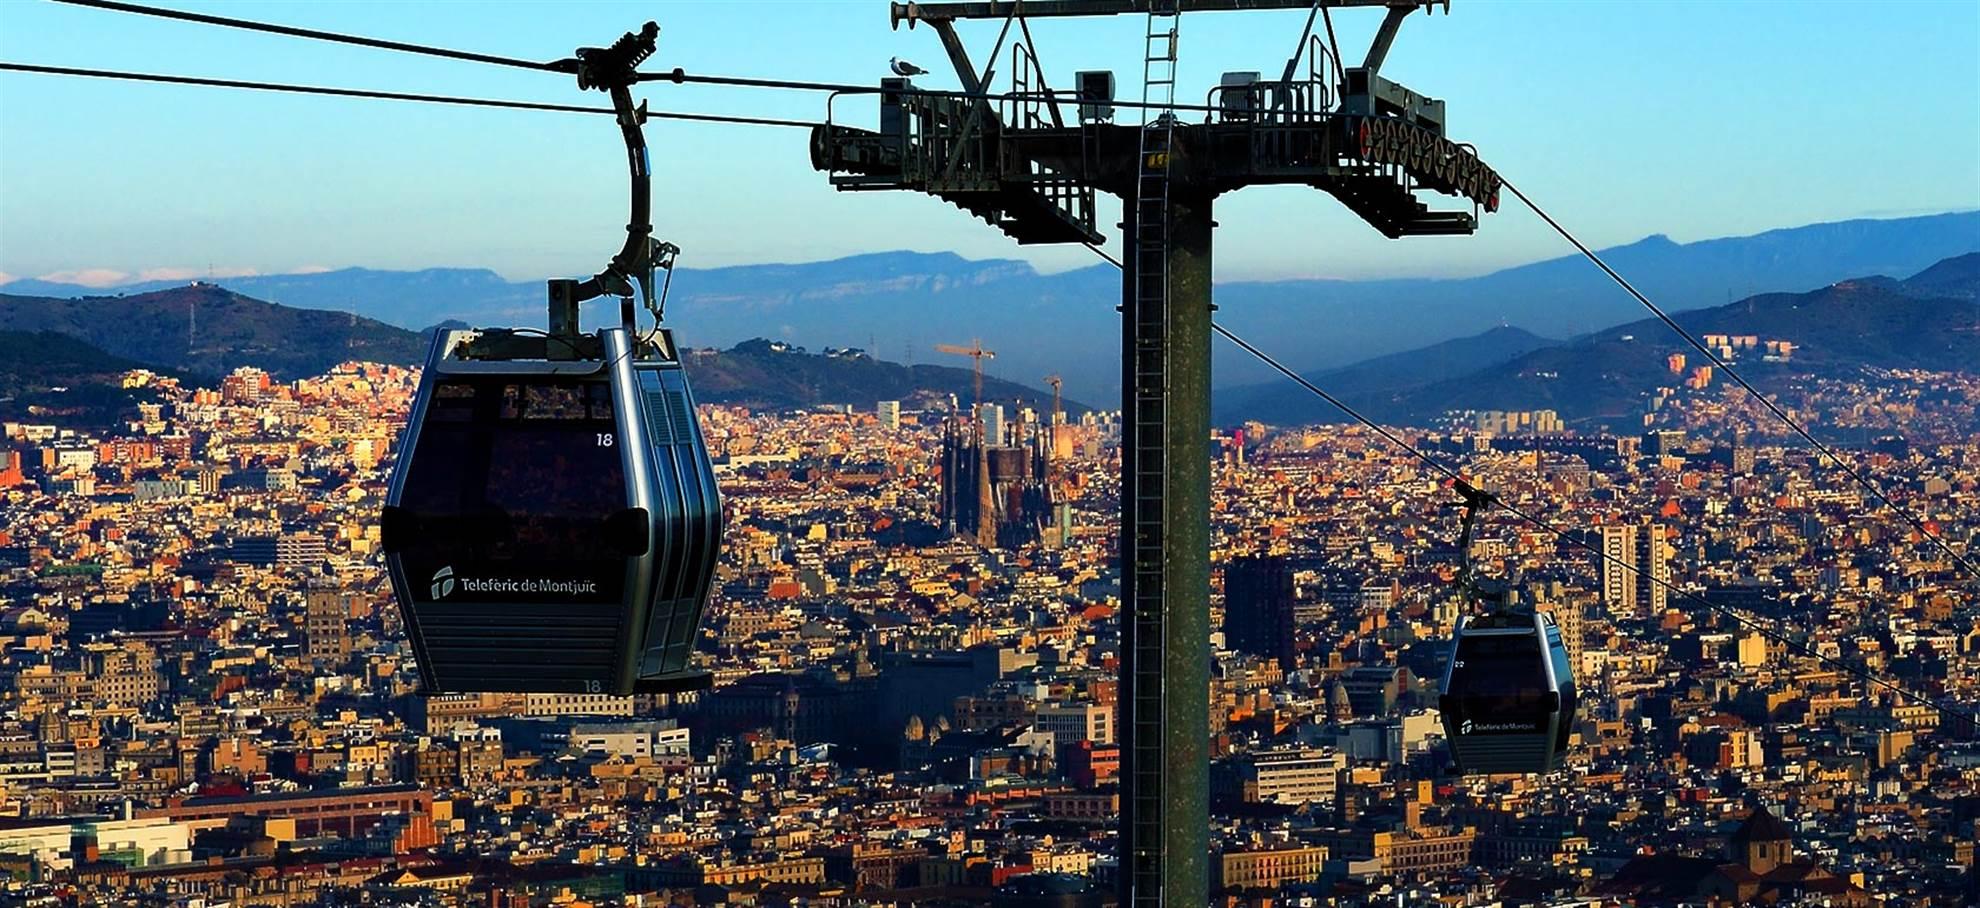 Billet Téléphérique de Montjuic